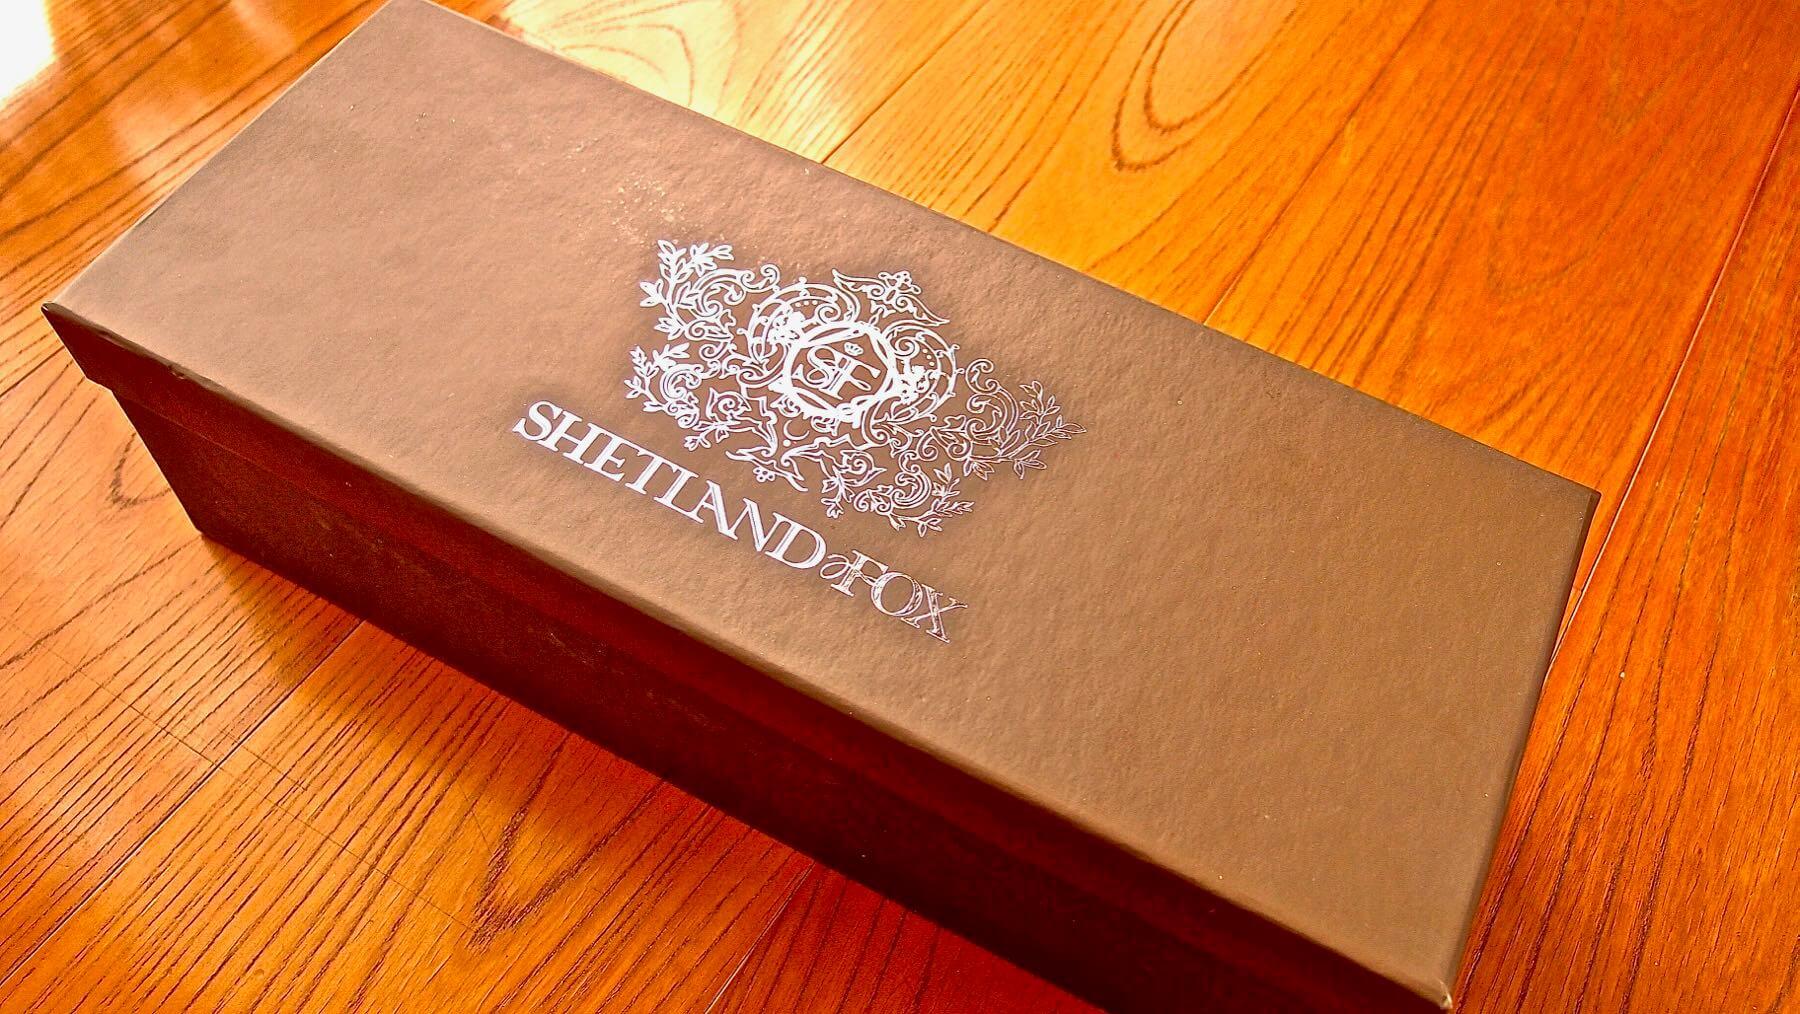 07 Shetlandfox Shoe keeper